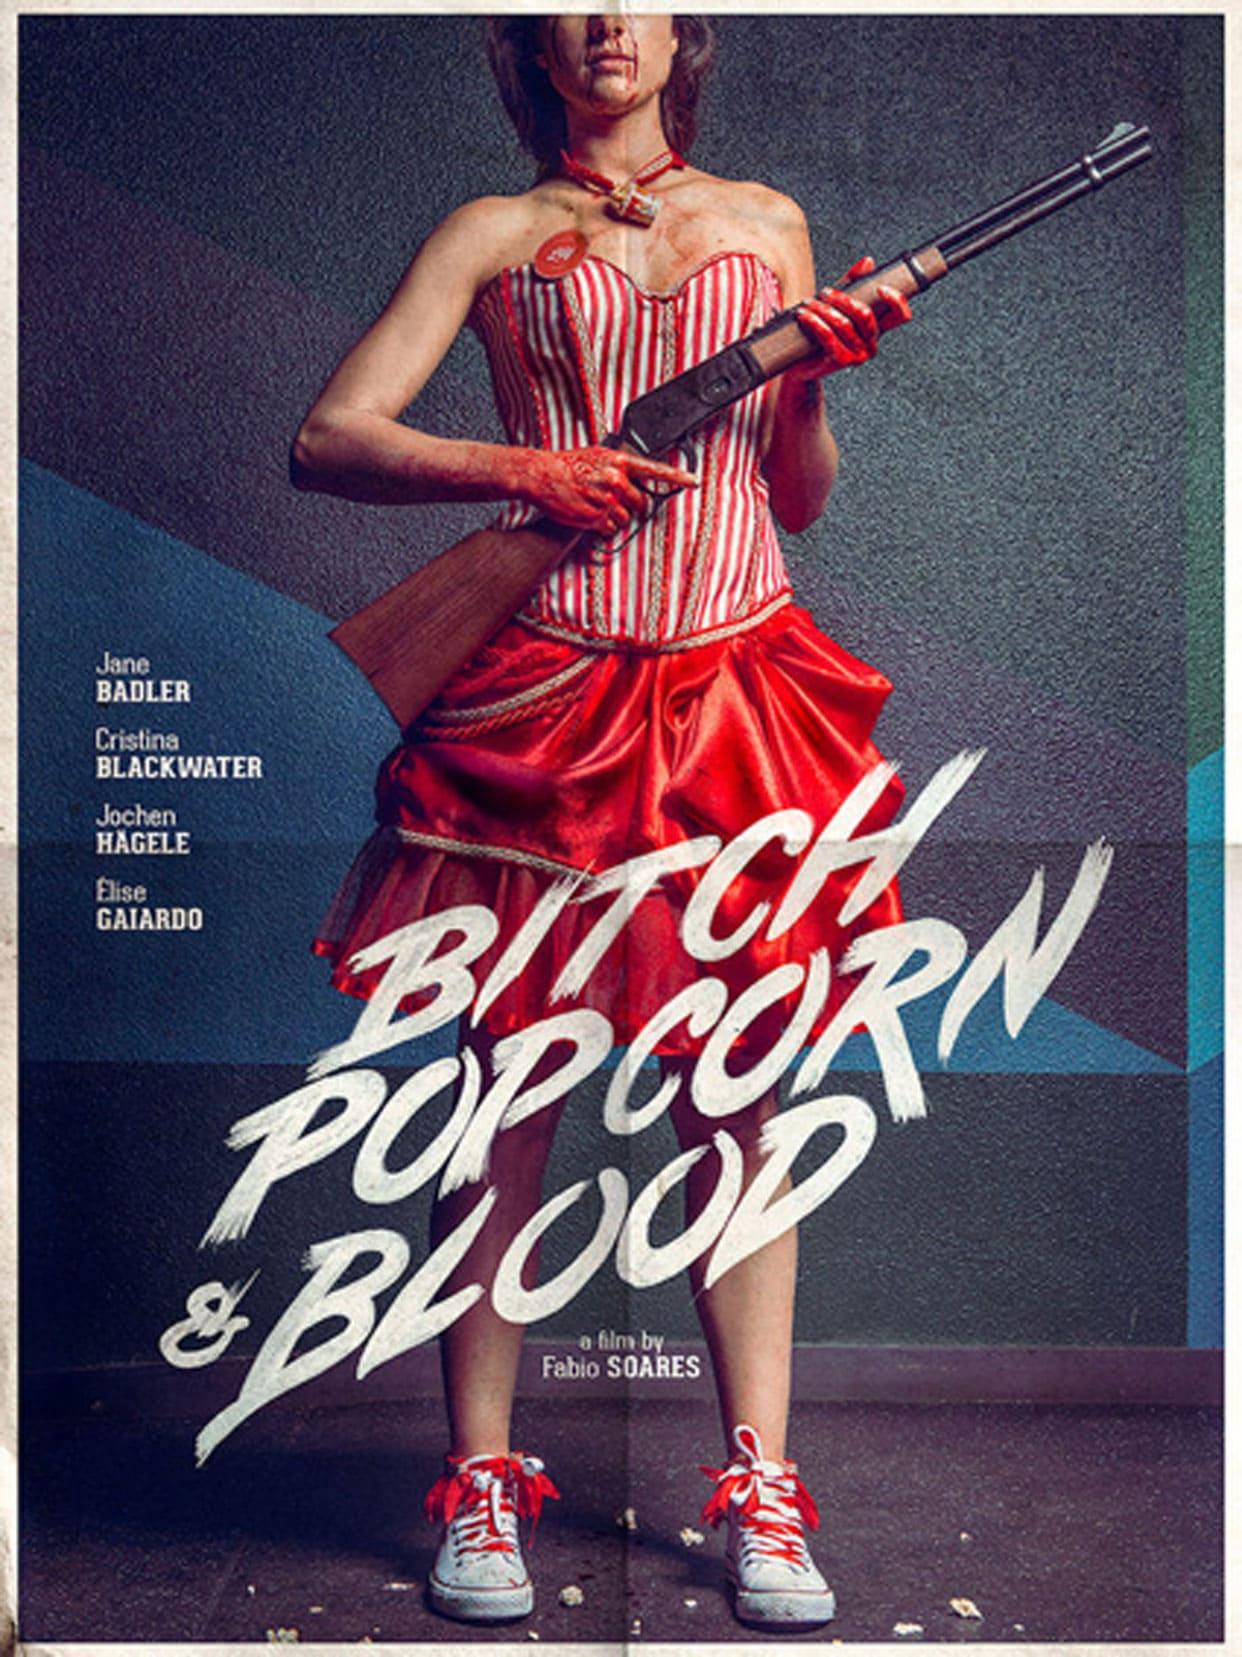 BITCH-POPCORN-&-BLOOD-Fabio-Soares